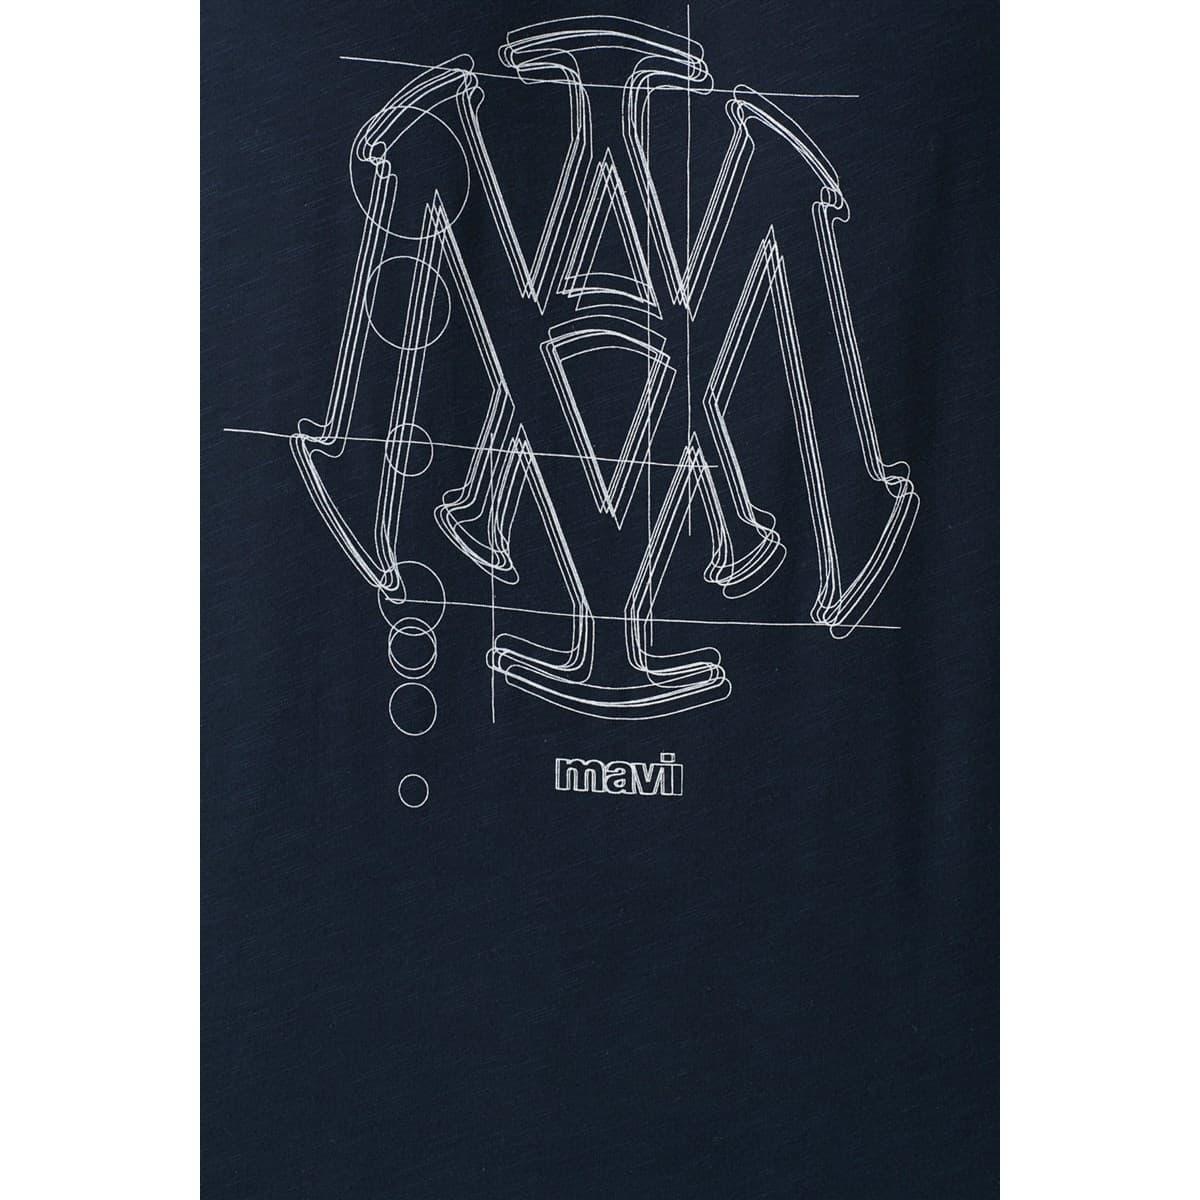 Mühür Logo Tişört Gece Lacivert